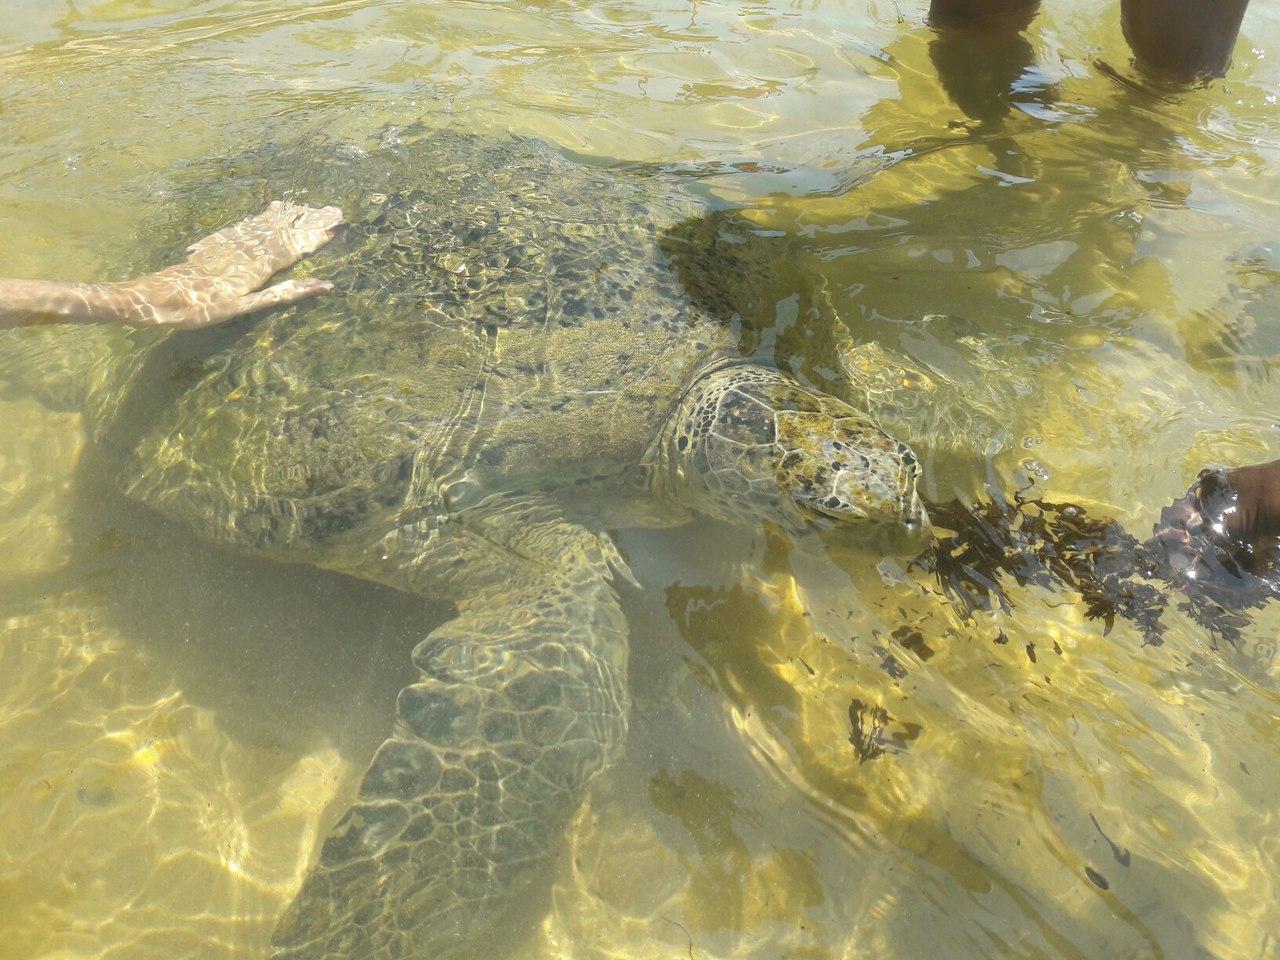 Черепахи на Шри-Ланке